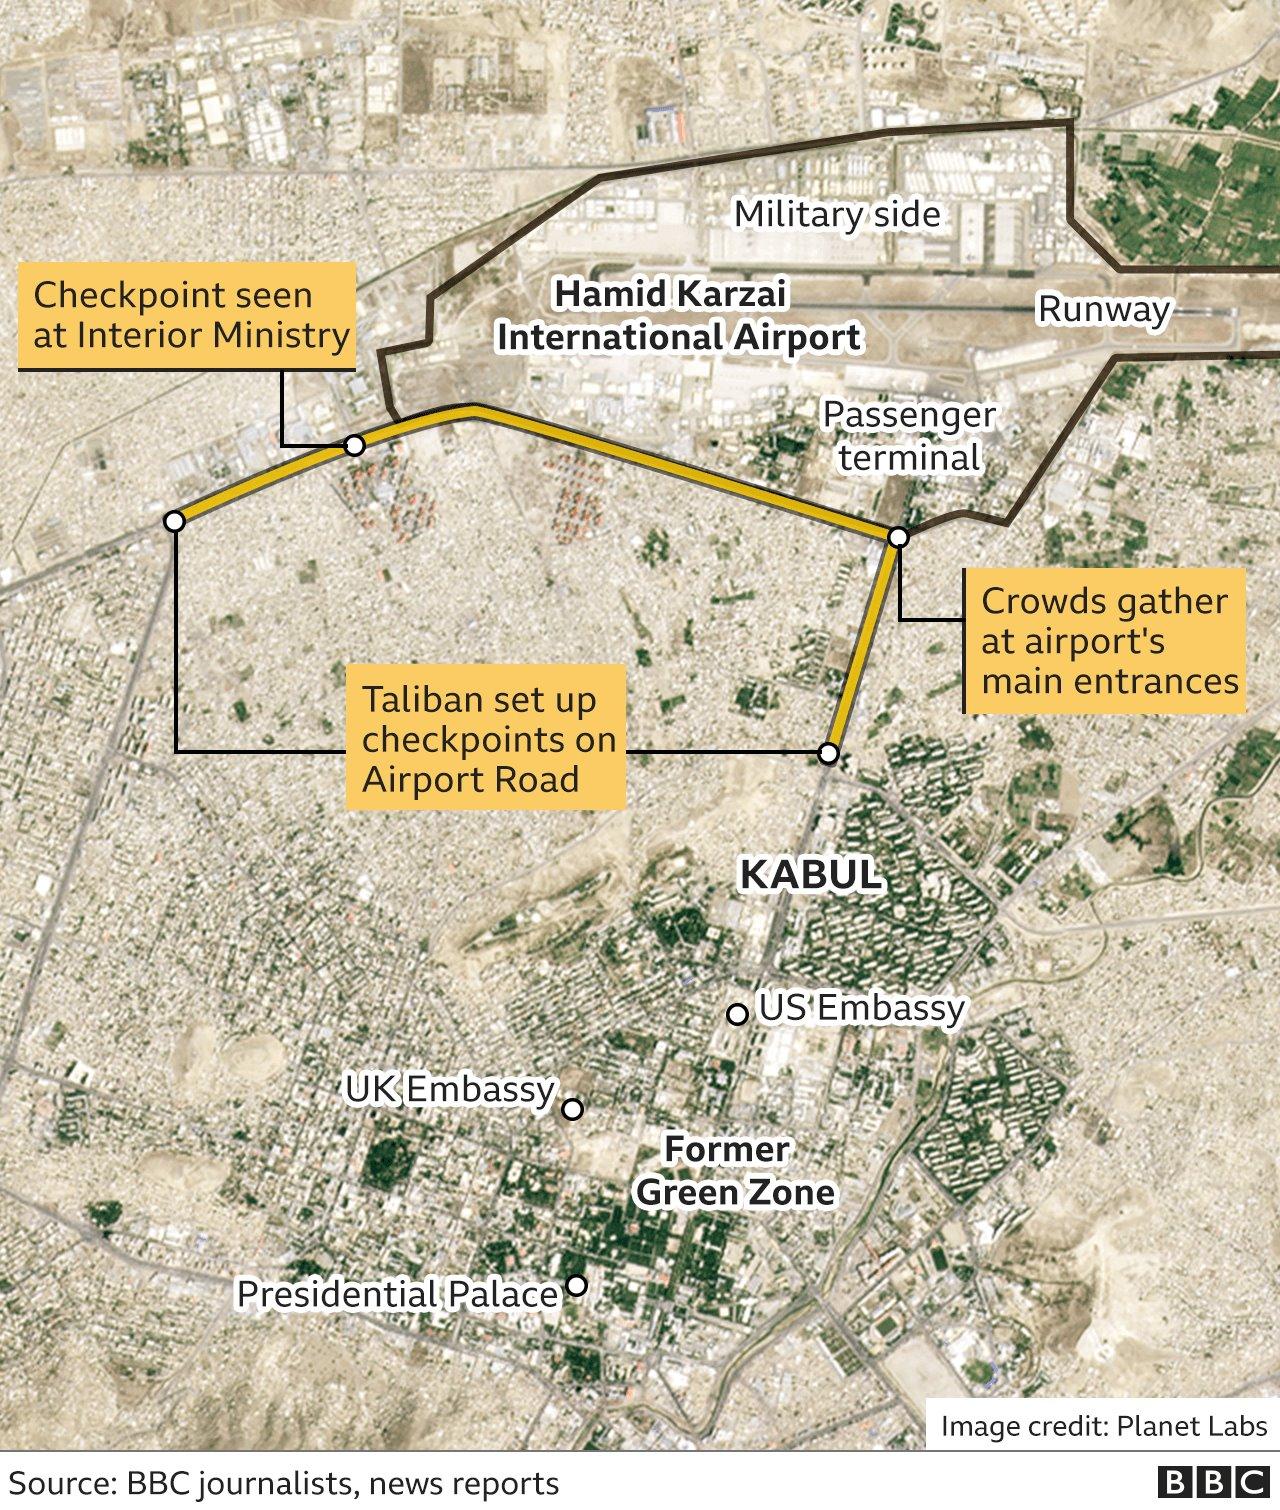 بی بی سی کا بنایا ہوا نقشہ کابل ایئرپورٹ کے ارد گرد کی صورتحال کی عکاسی کرتا ہے